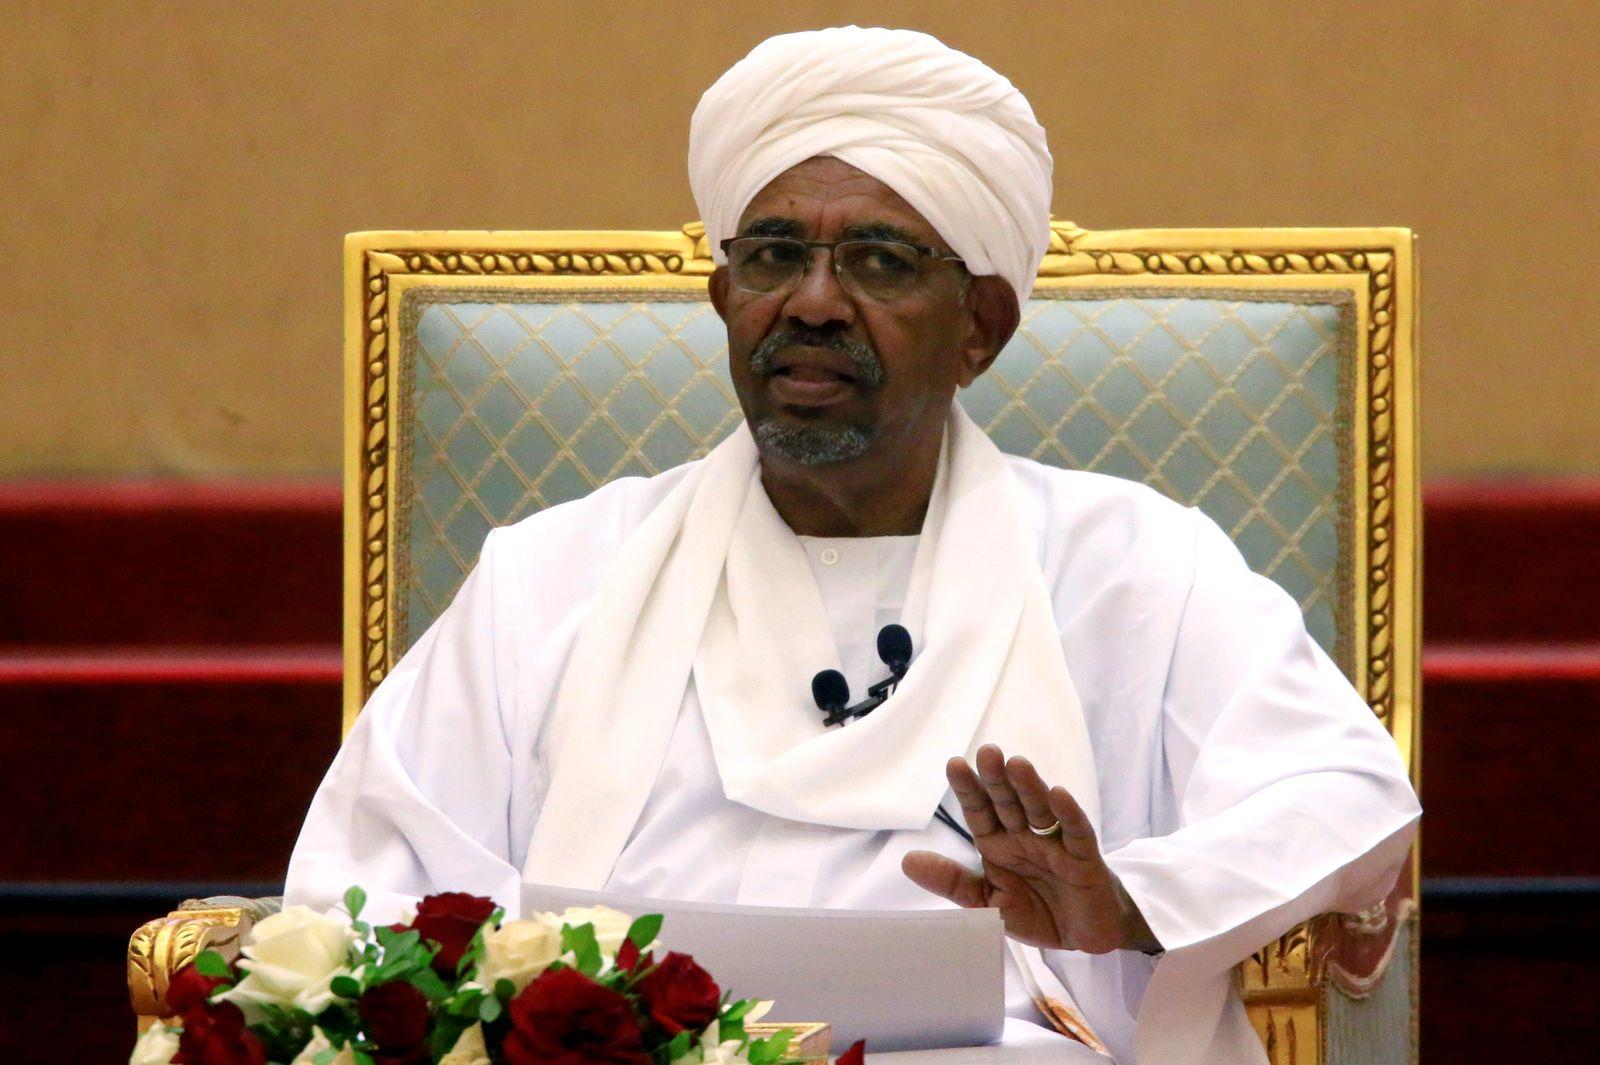 Umar al-Baschir